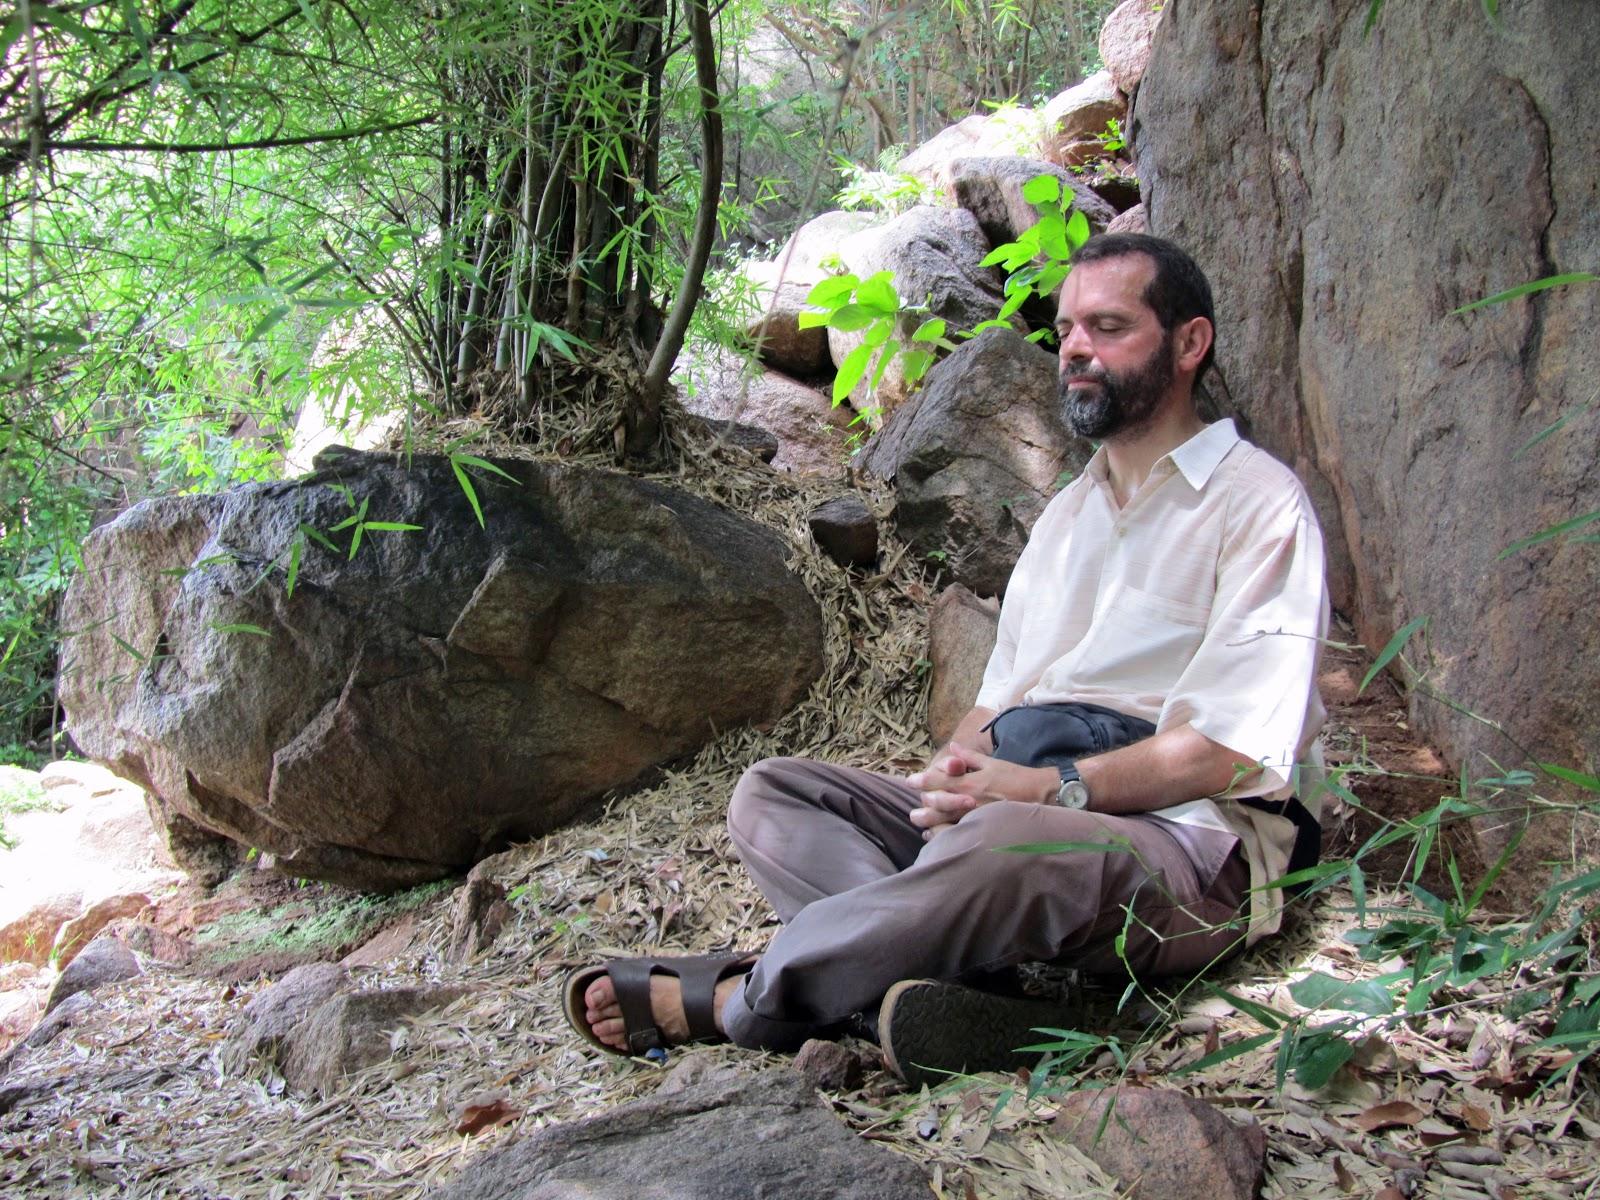 Javier Melloni | Vía: http://arbresjosepgordi.blogspot.com.es/